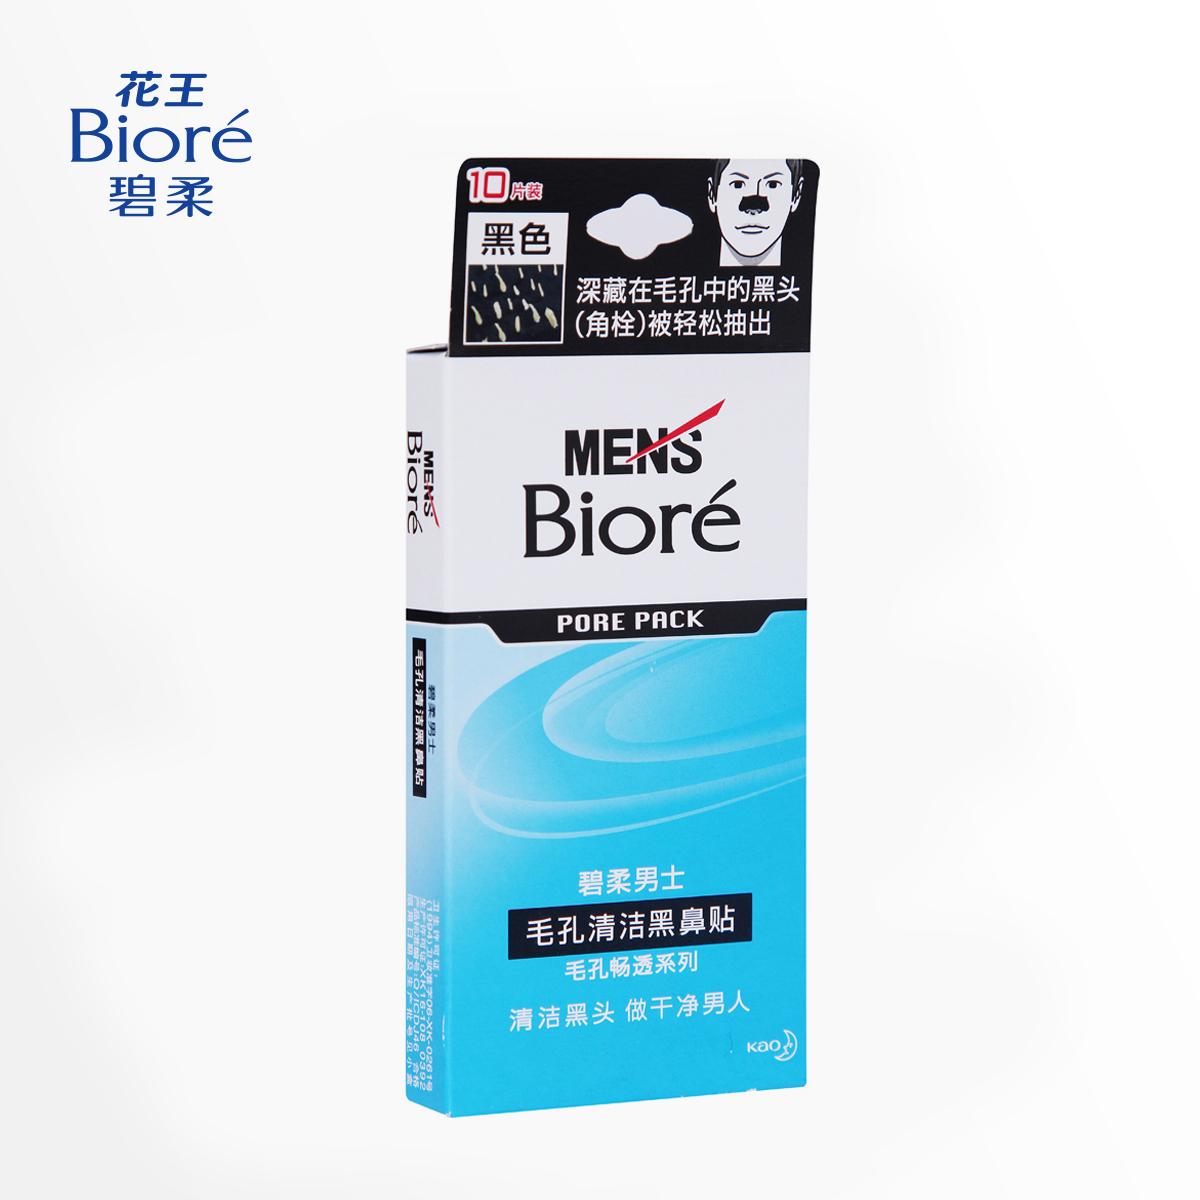 Biore/ цветок король синий мягкий мужской волосы отверстие чистый черный нос паста 10 лист идти черноголовых порошок шип сокращаться волосы рвать тянуть